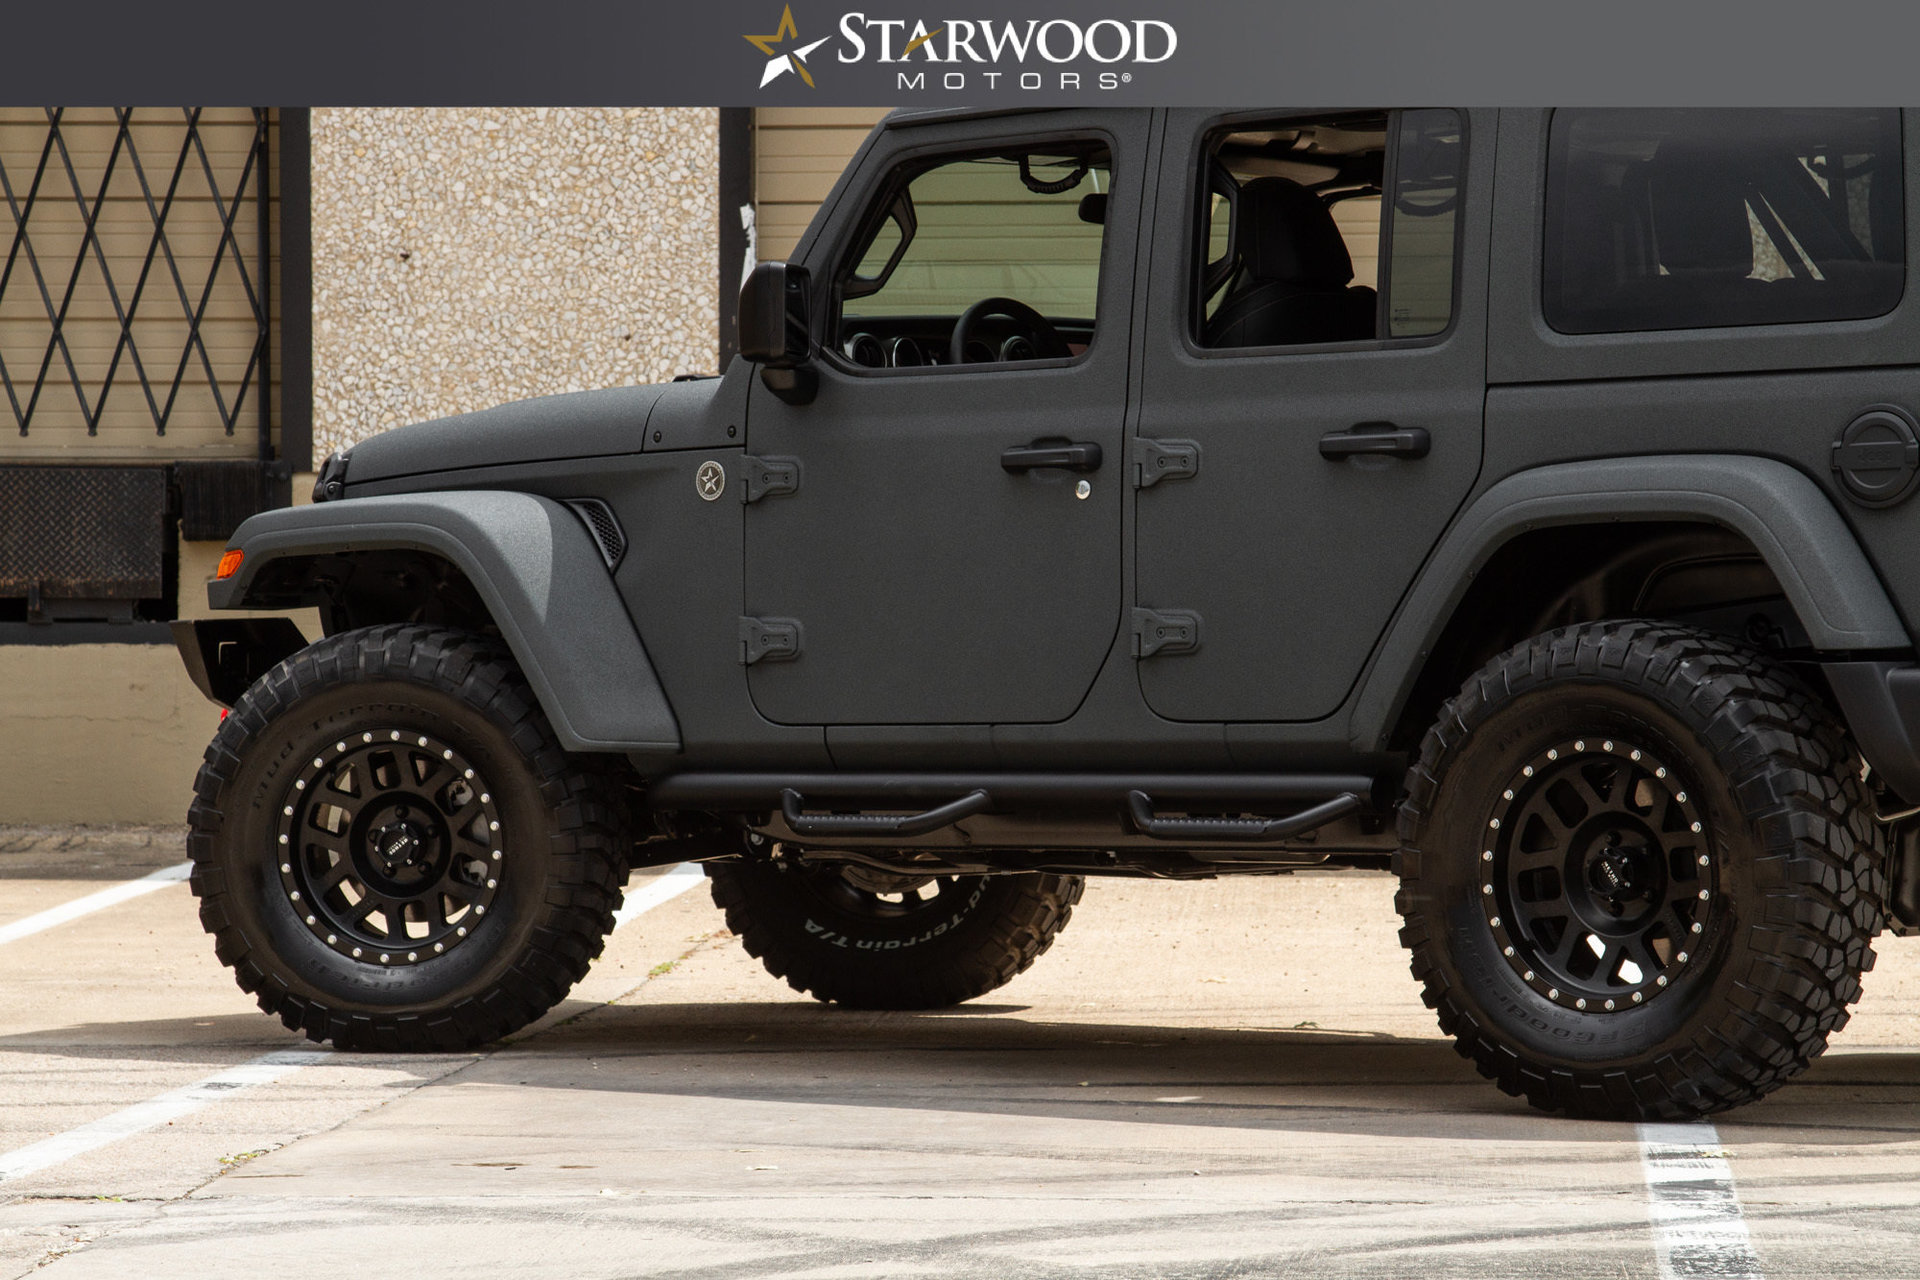 2018 jeep wrangler unlimited sport for sale 93449 mcg. Black Bedroom Furniture Sets. Home Design Ideas